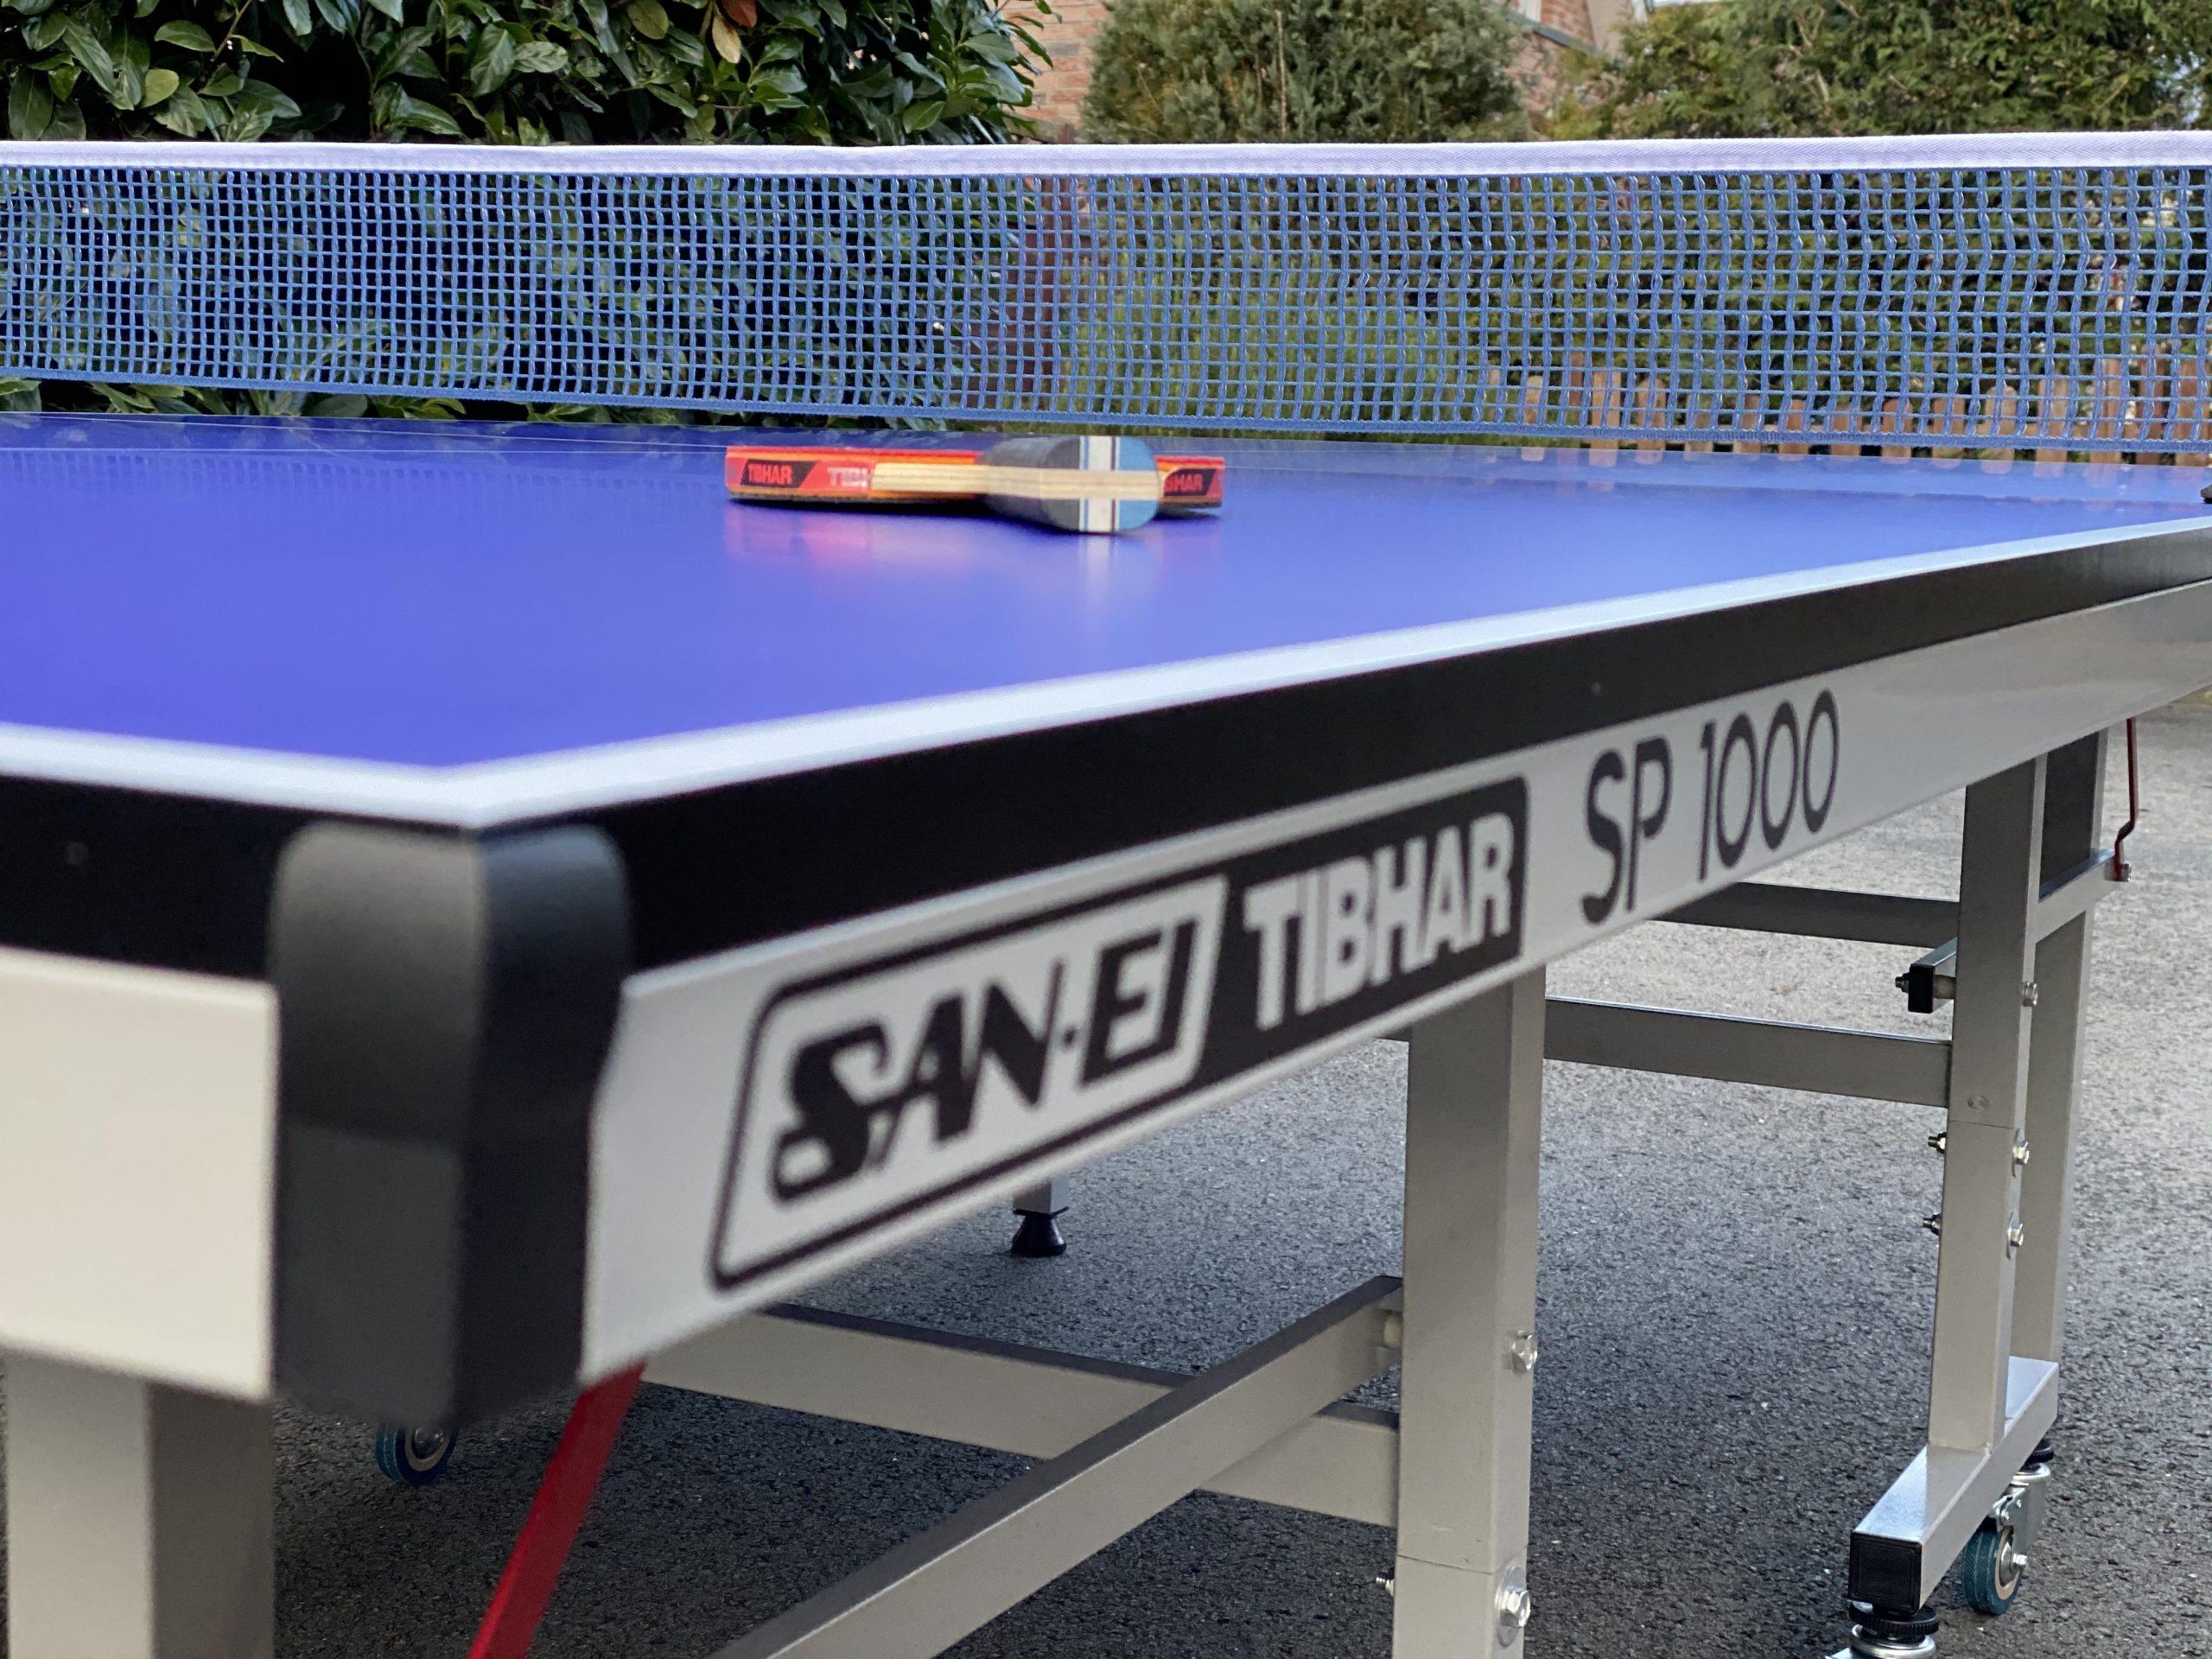 Tischtennisplatte San-Ei / Tibhar SP 1000